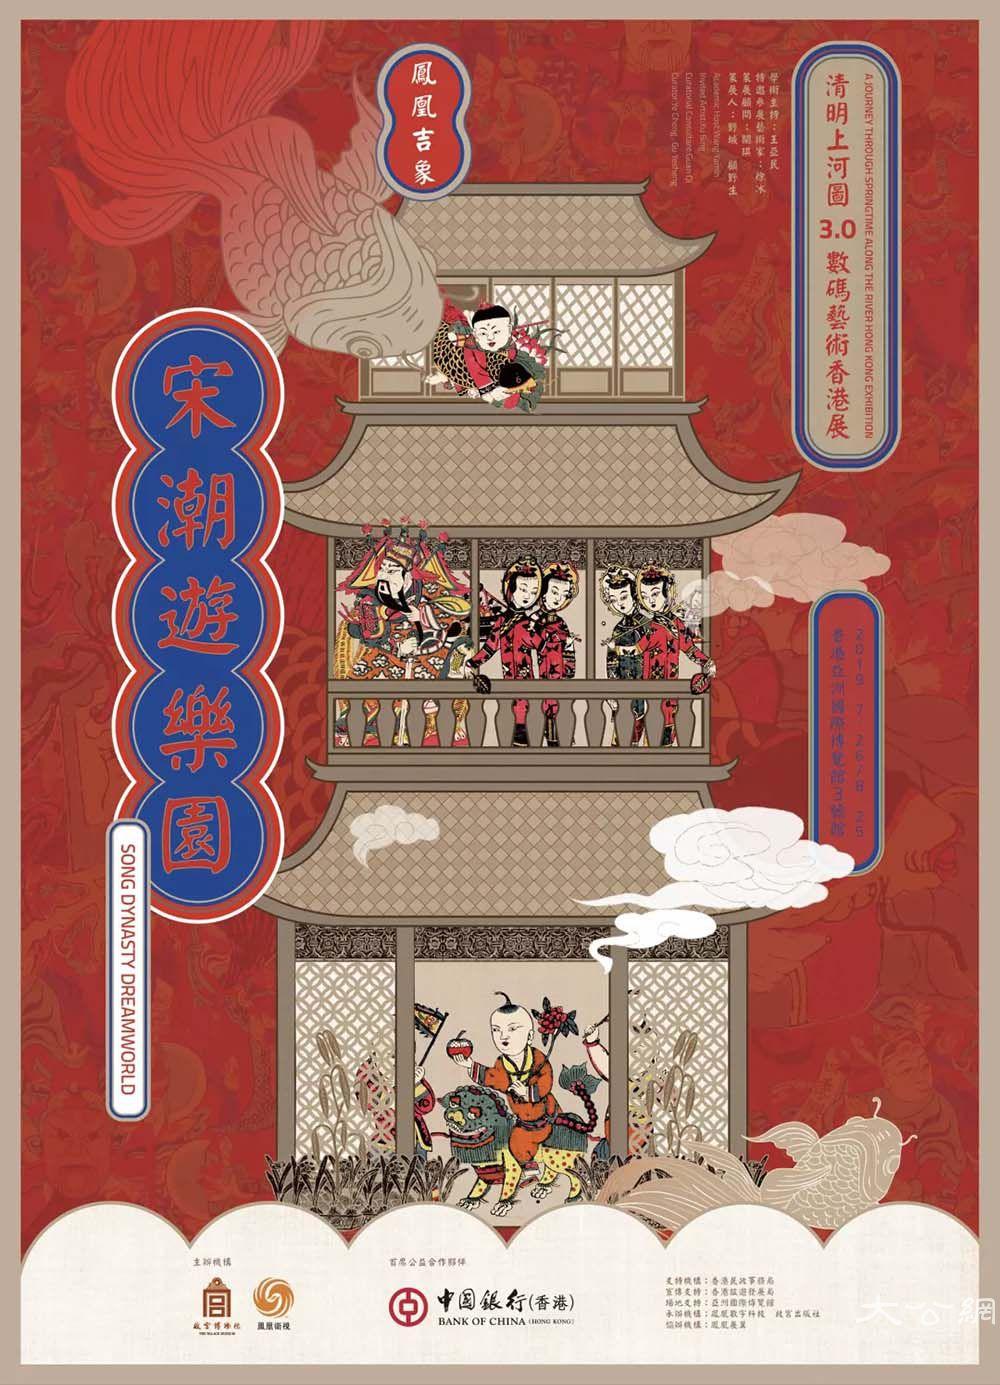 凤凰吉象特邀艺术家丨徐冰:用垃圾重构山水与宋代对话